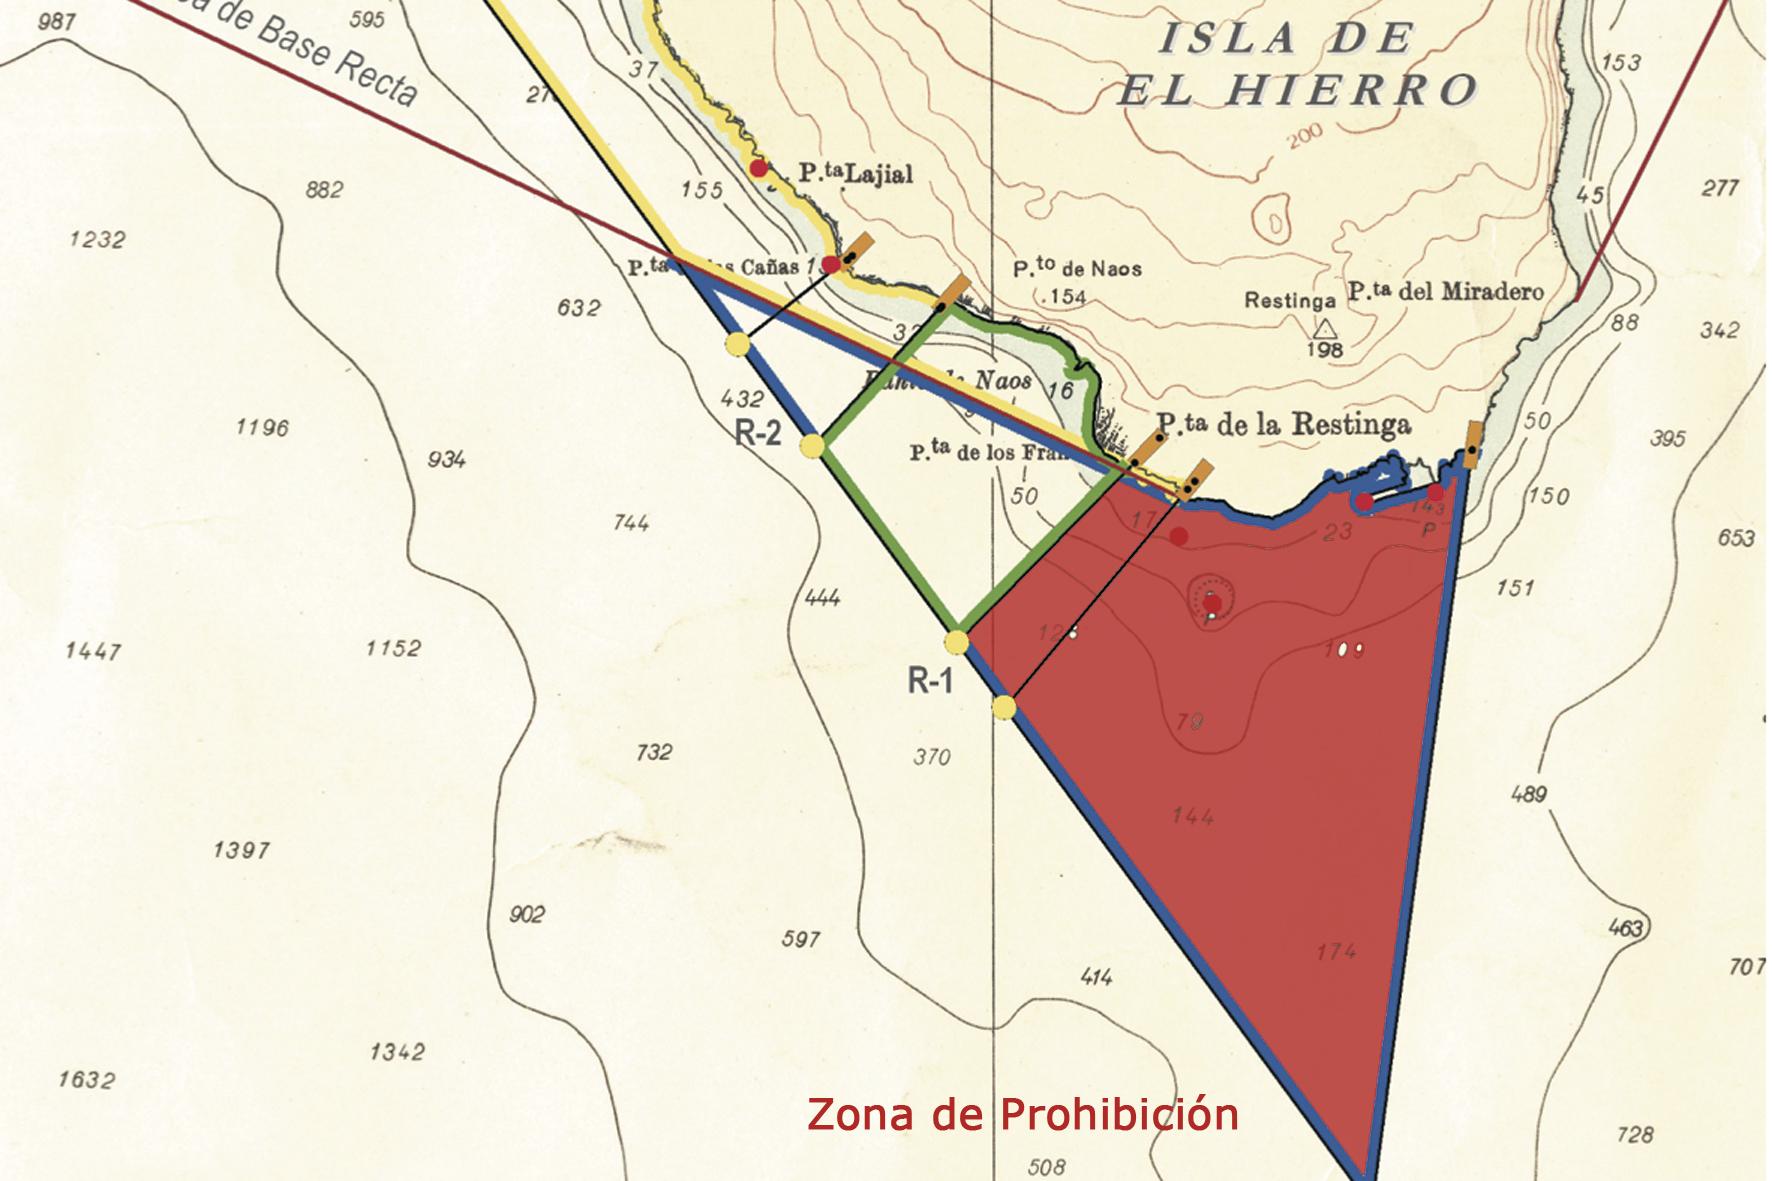 Se Prohibe Cautelarmente La Pesca Recreativa Con Caña Desde Tierra En La Zona Este De La Reserva Marina